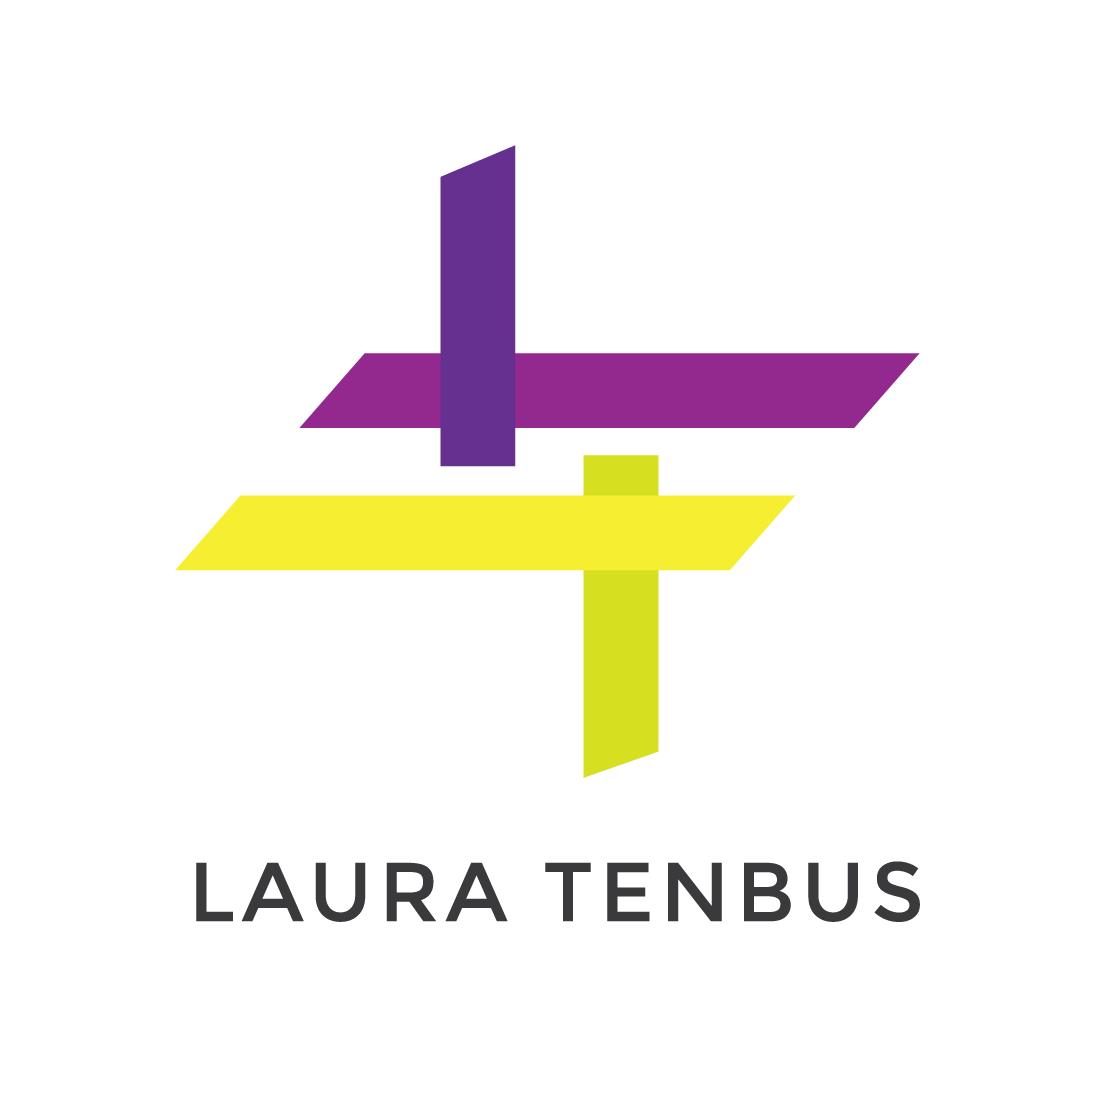 Laura Tenbus - Personal Logo Design